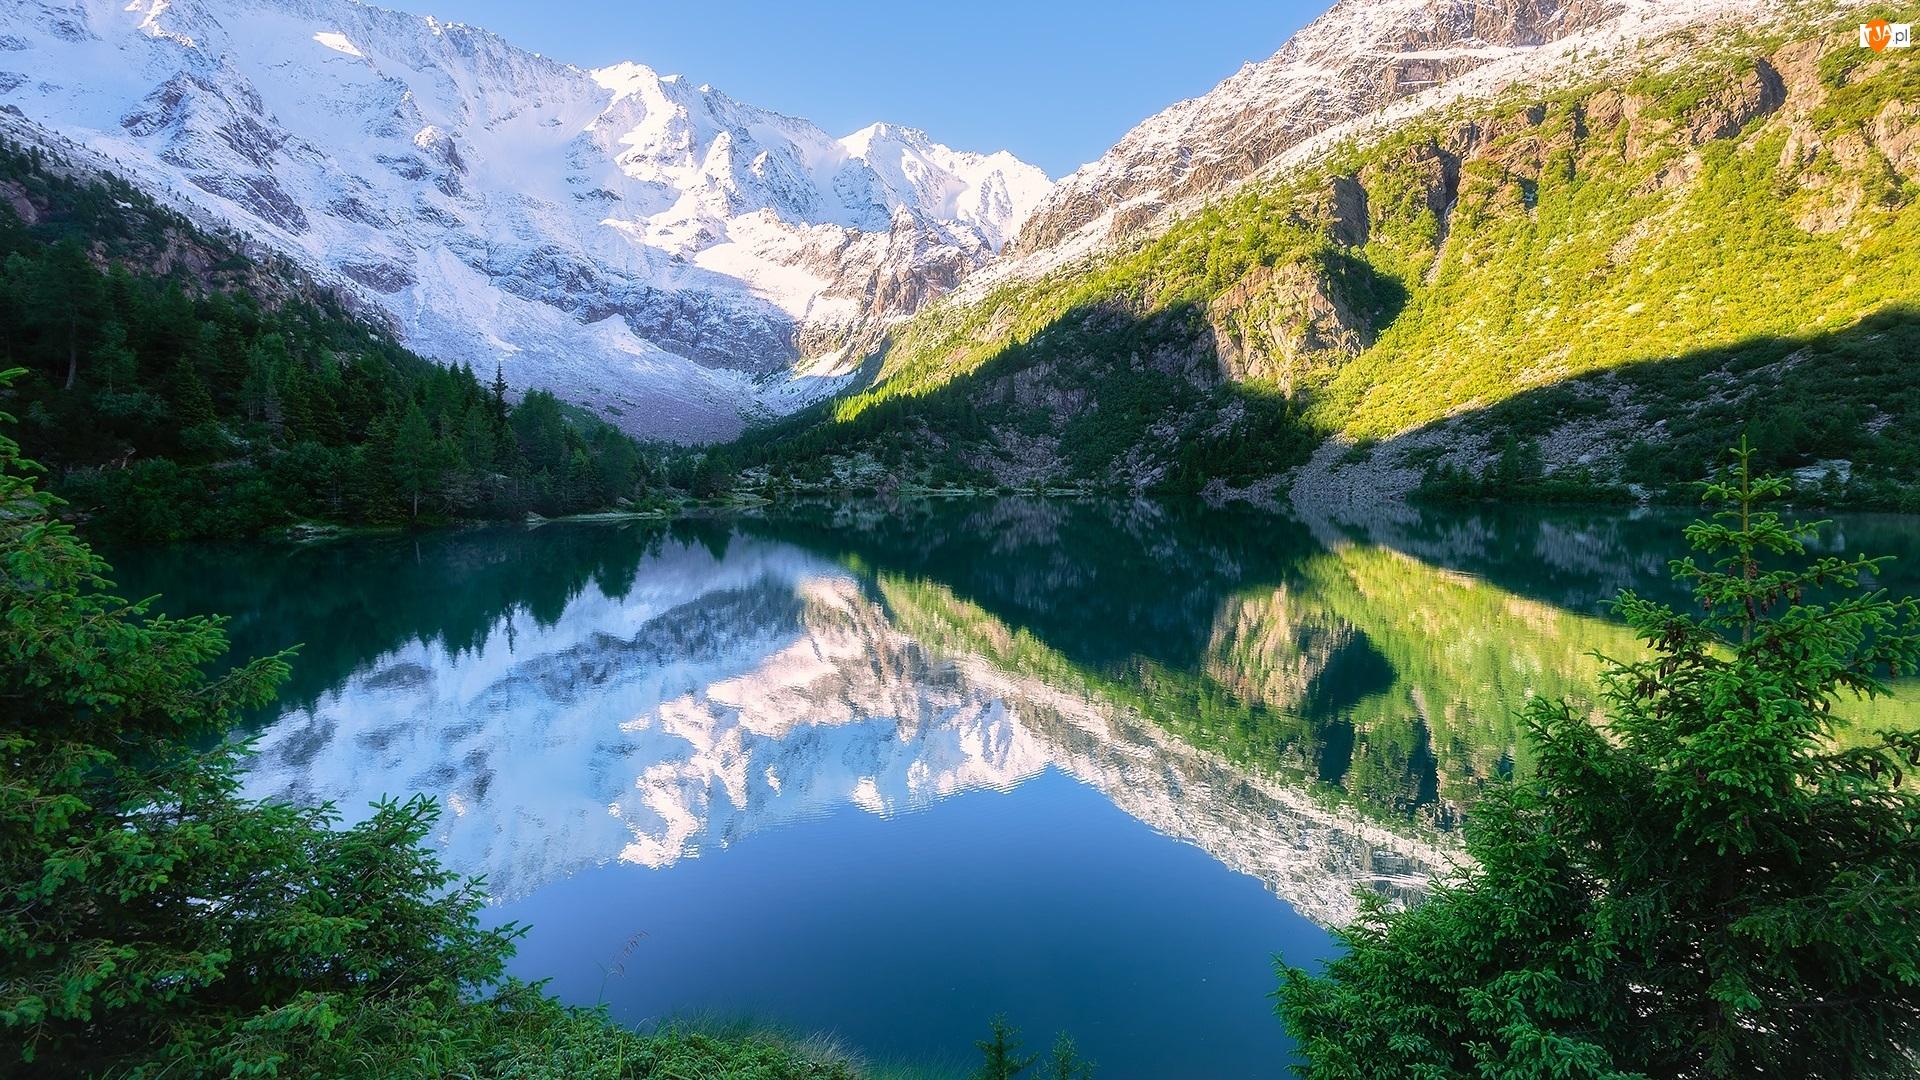 Ośnieżone, Góry, Jezioro, Odbicie, Szczyty, Drzewa